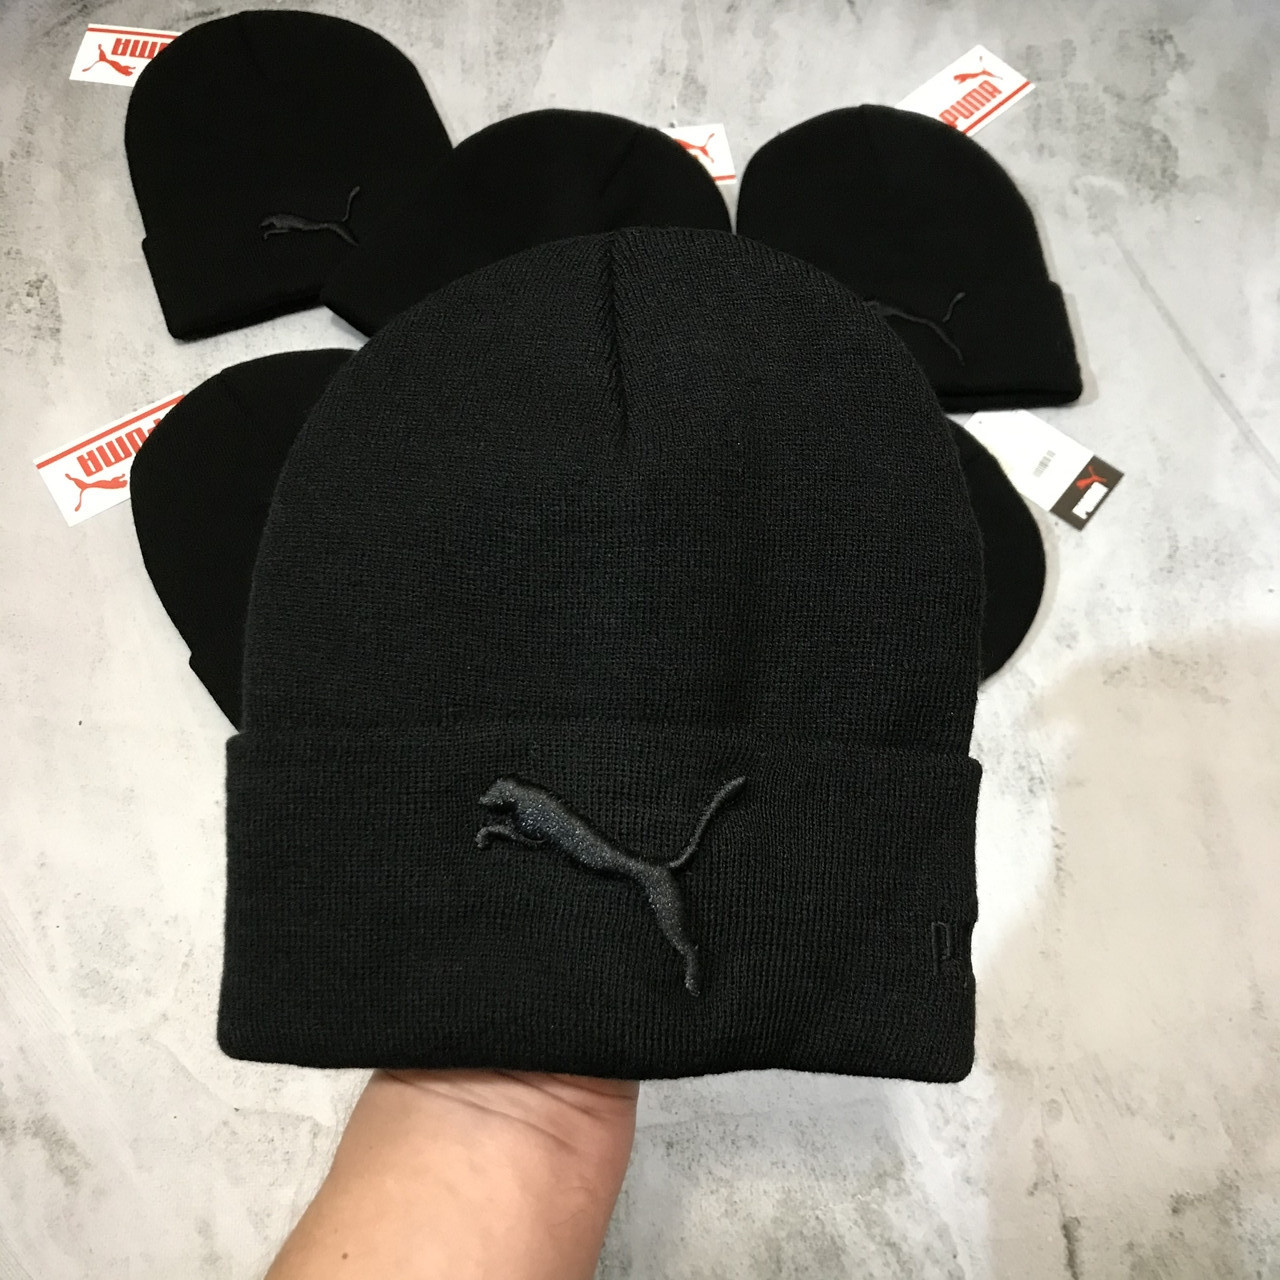 Теплая мужская спортивная шапка Puma